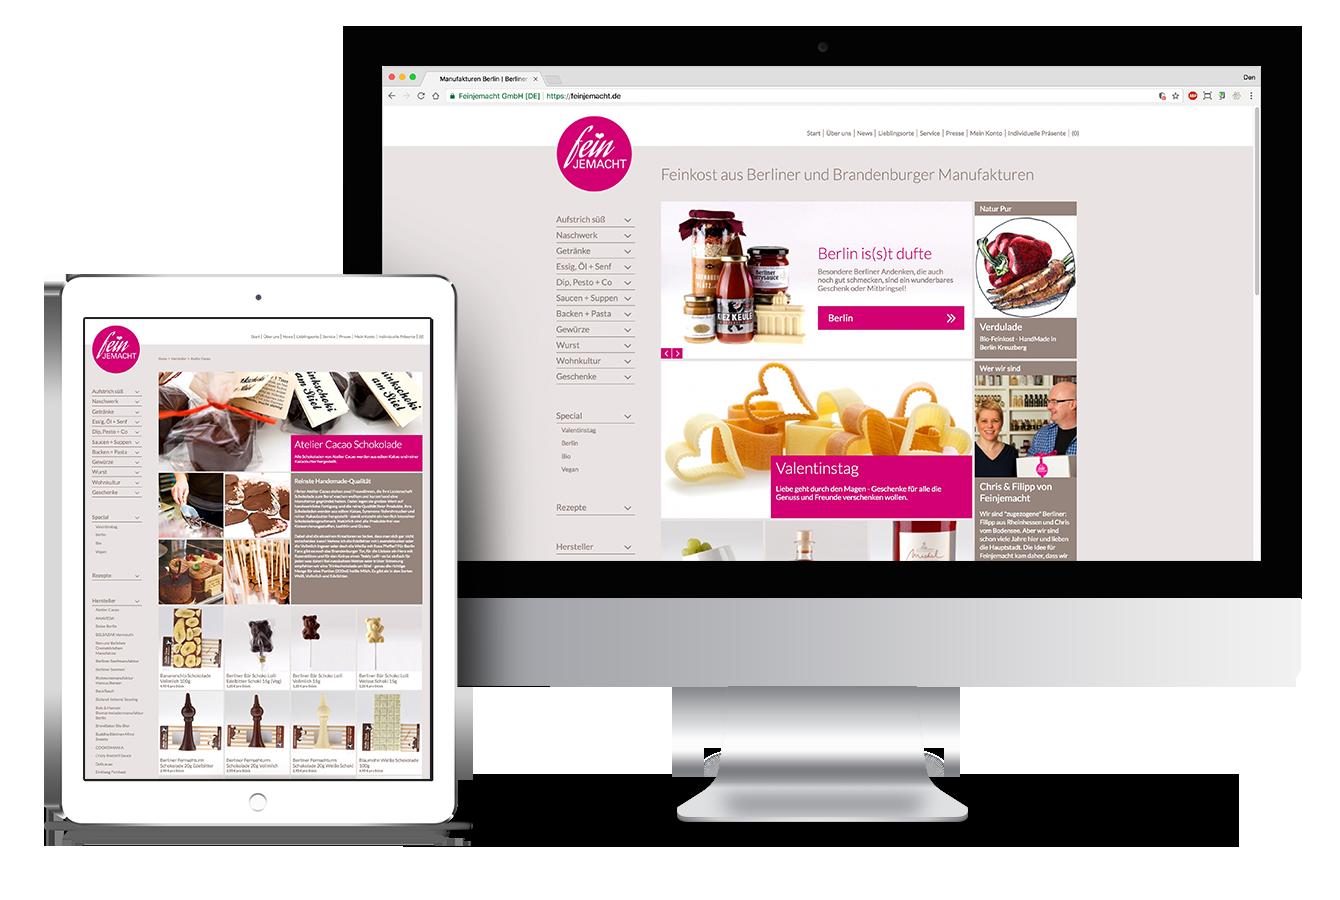 Responsive Webseite und Shop auf iPad und iMac. UX/UI Design abgestimmt auf alle mobilen Endgeräte.